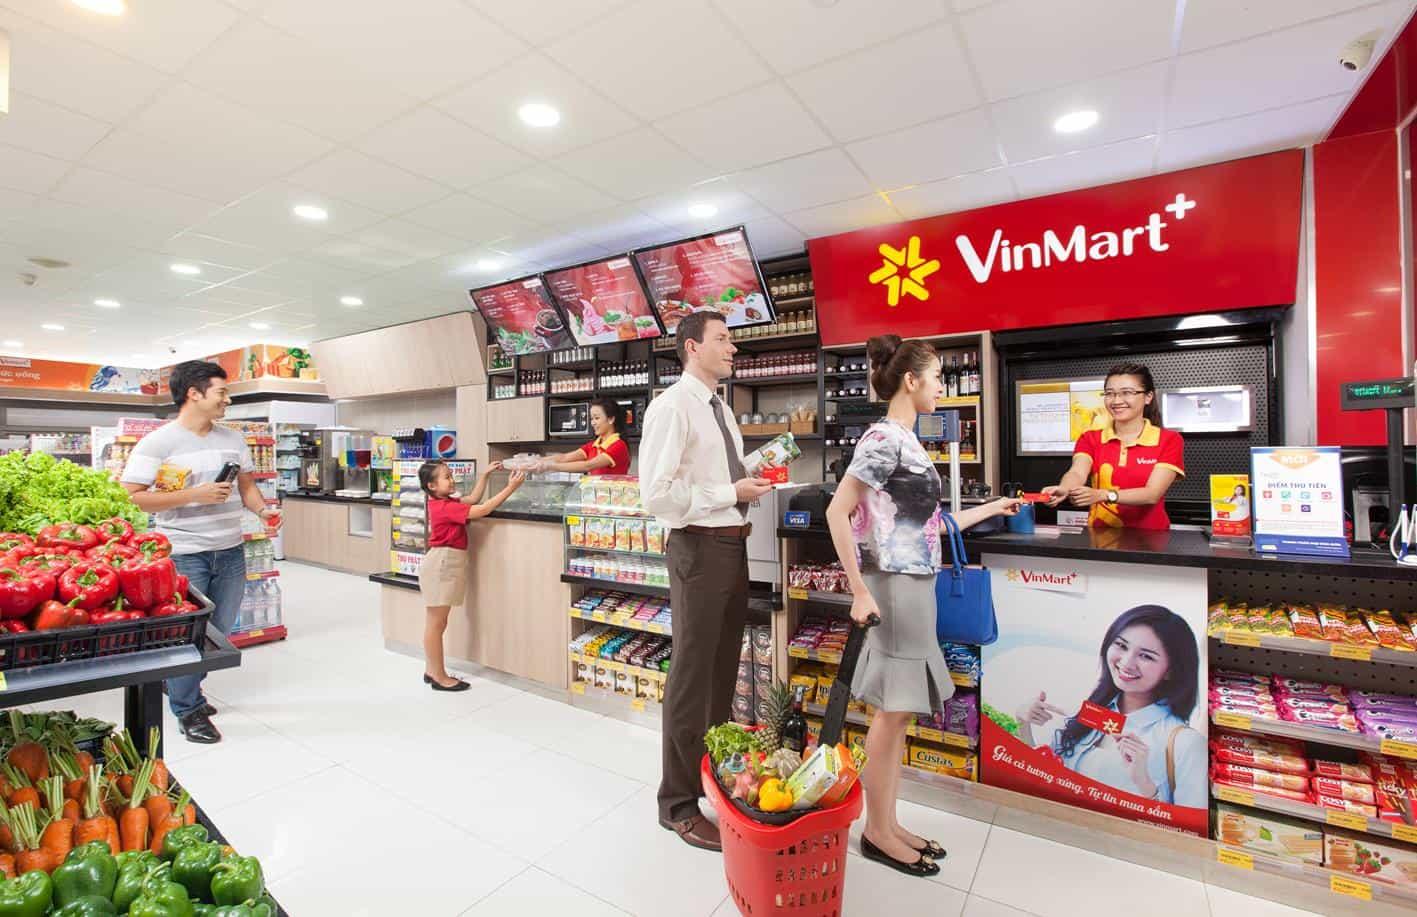 Cửa hàng tiện lợi VinMart